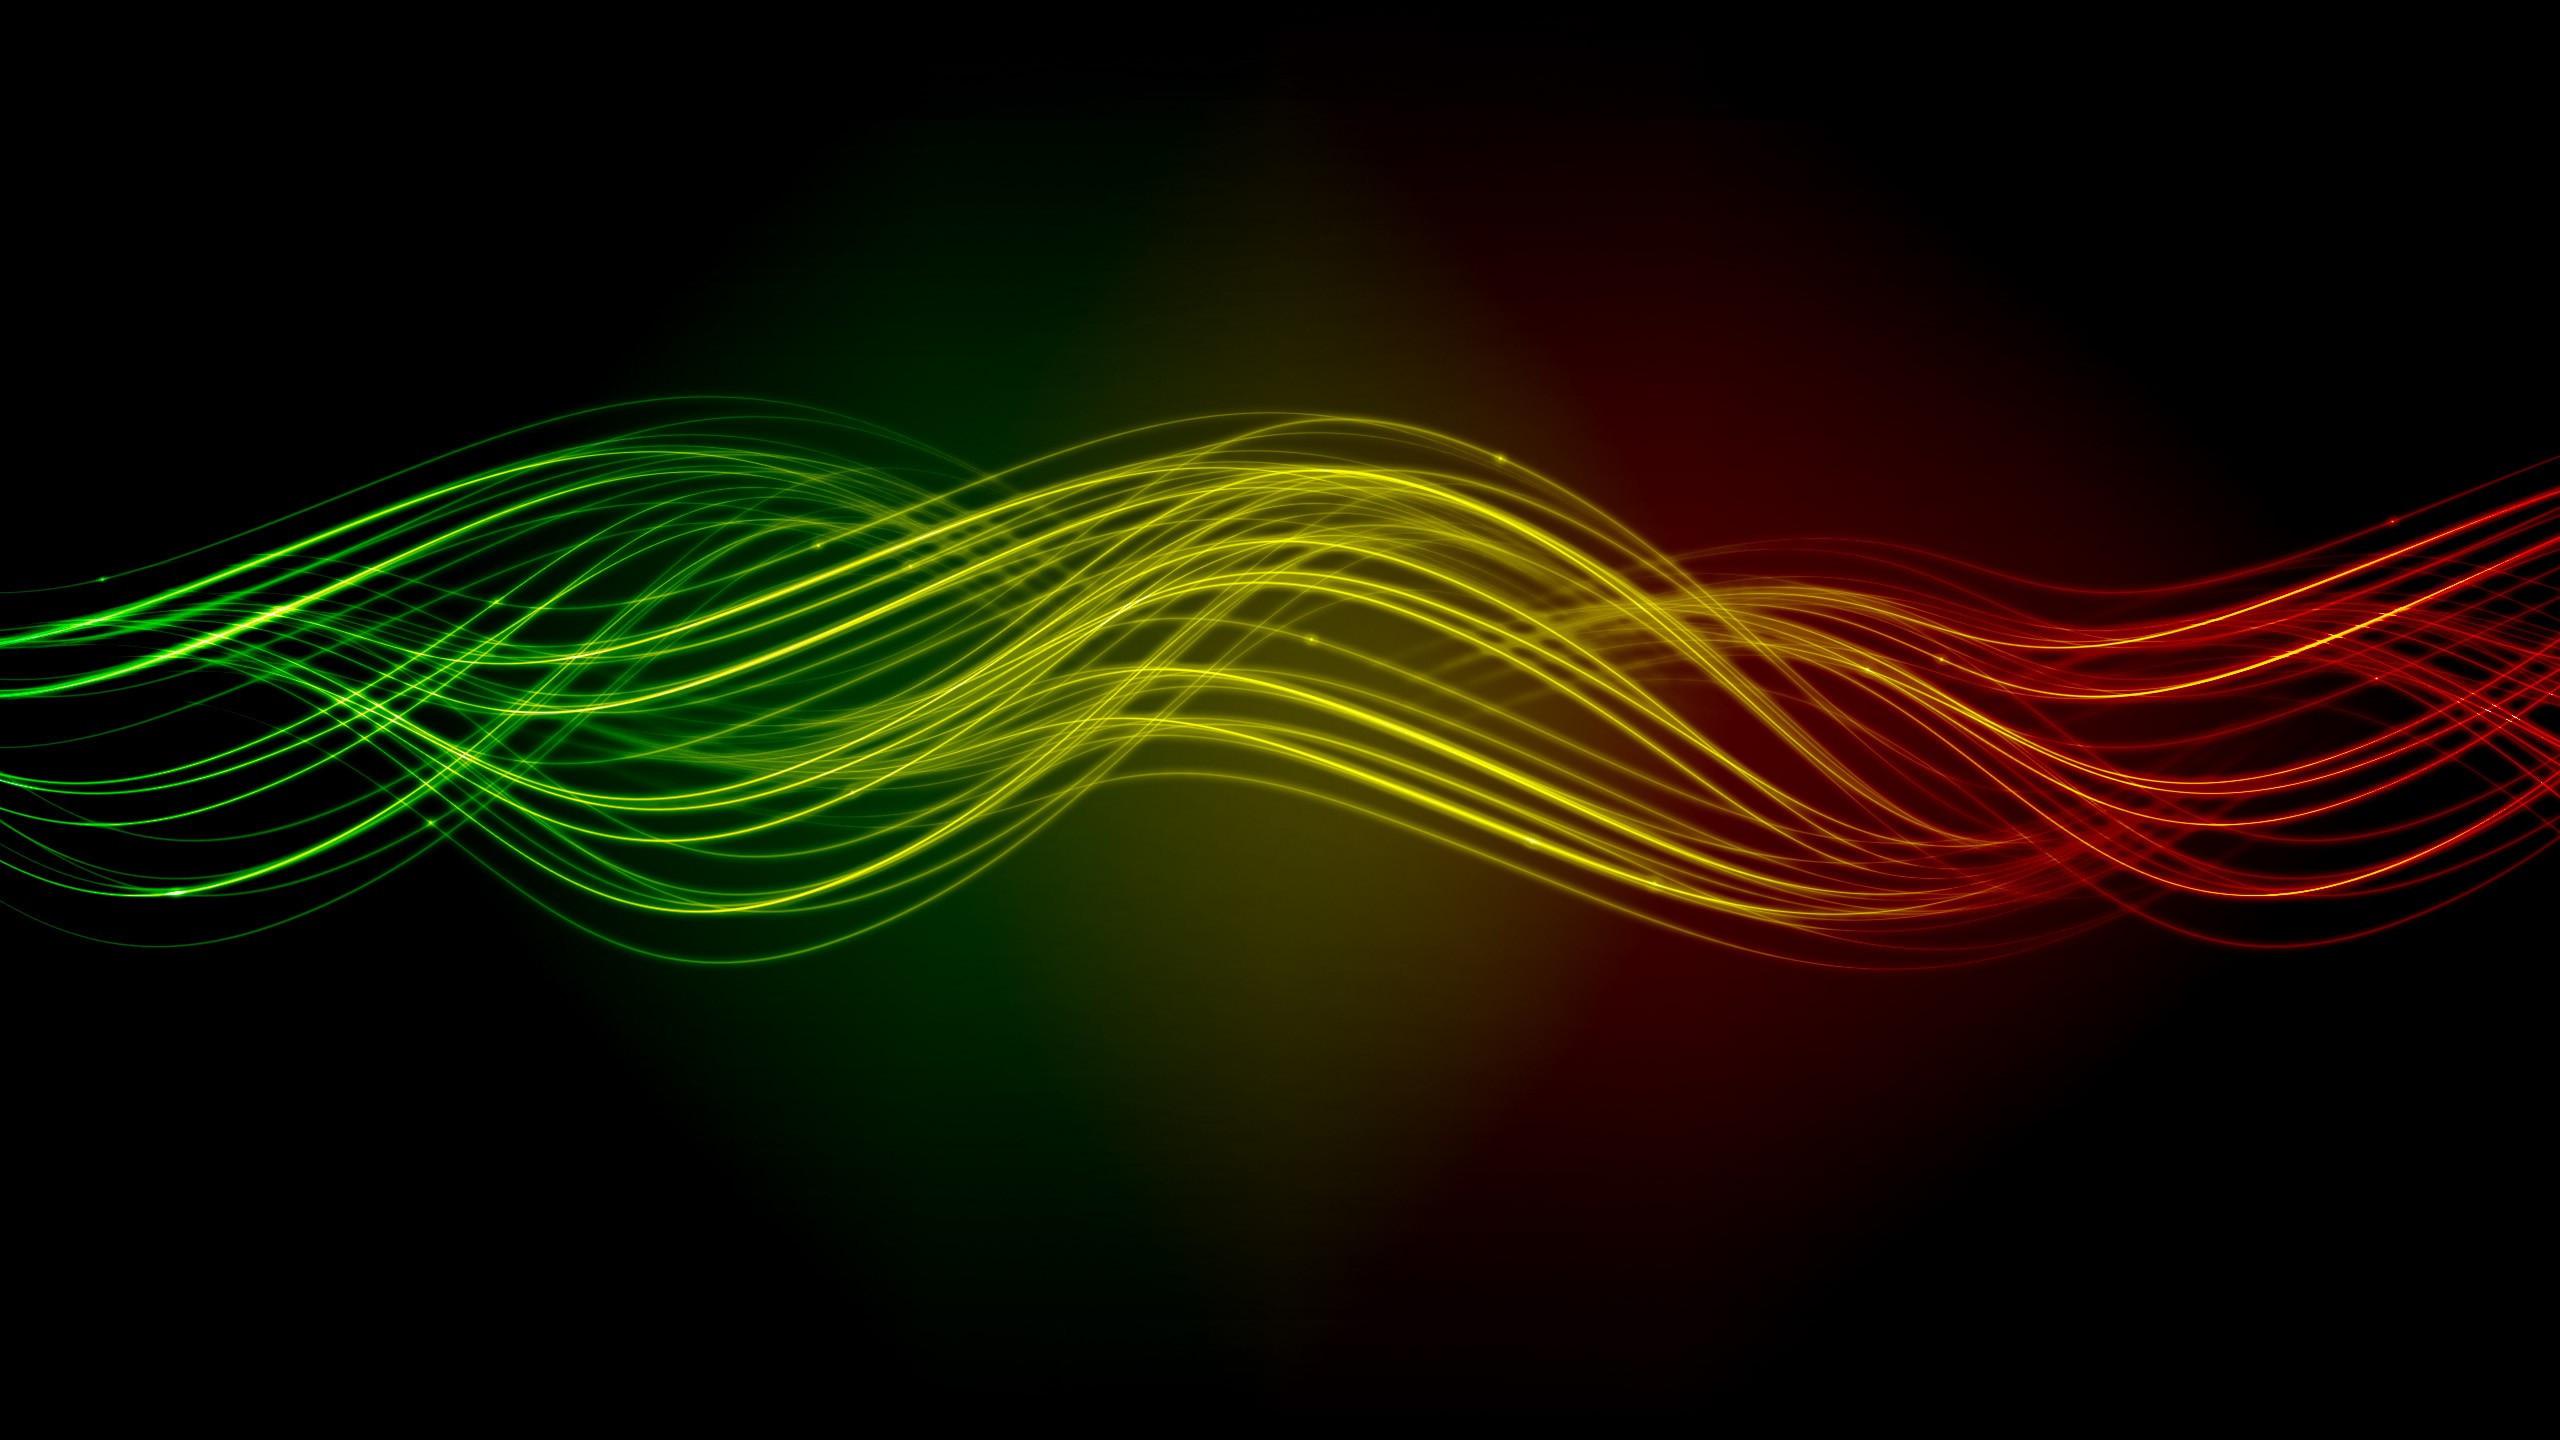 … waves HD Wallpaper Glowing …